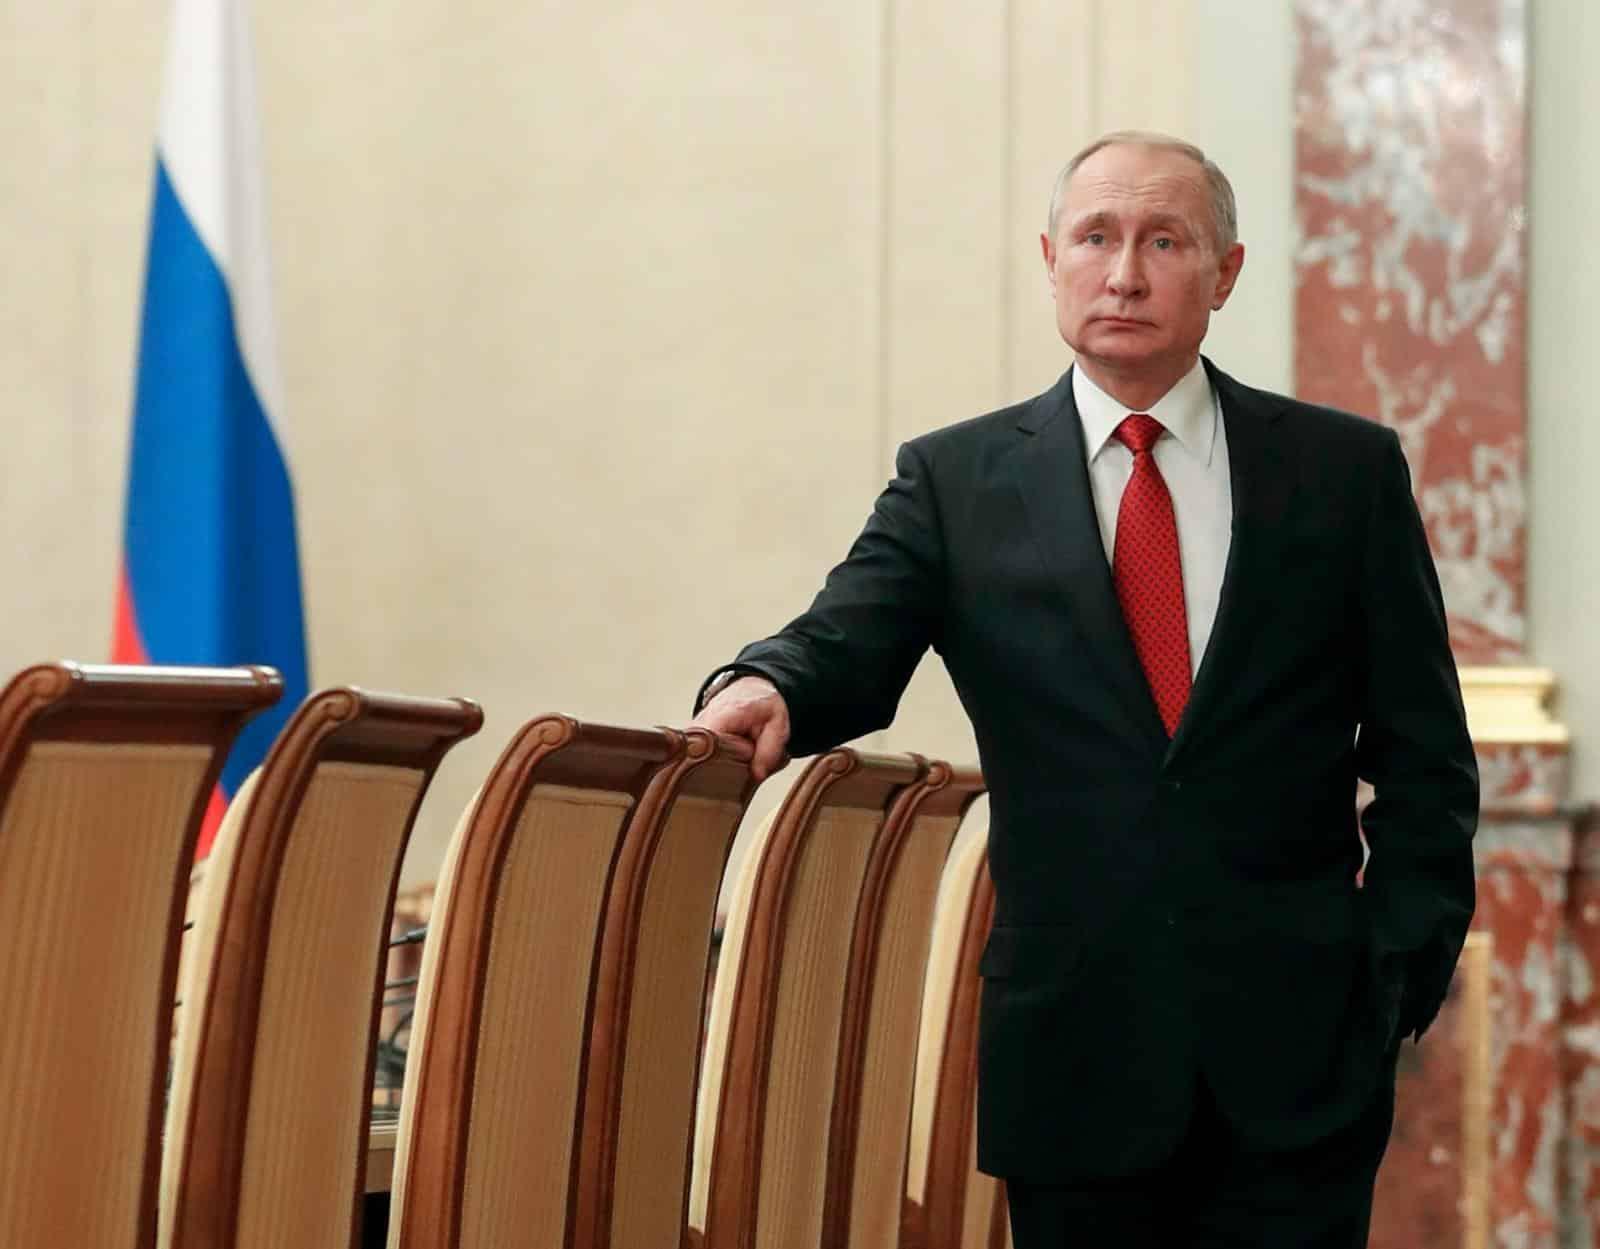 Ruskí voliči schválili zmeny ústavy, aktivisti poukazujú na nezrovnalosti. 1